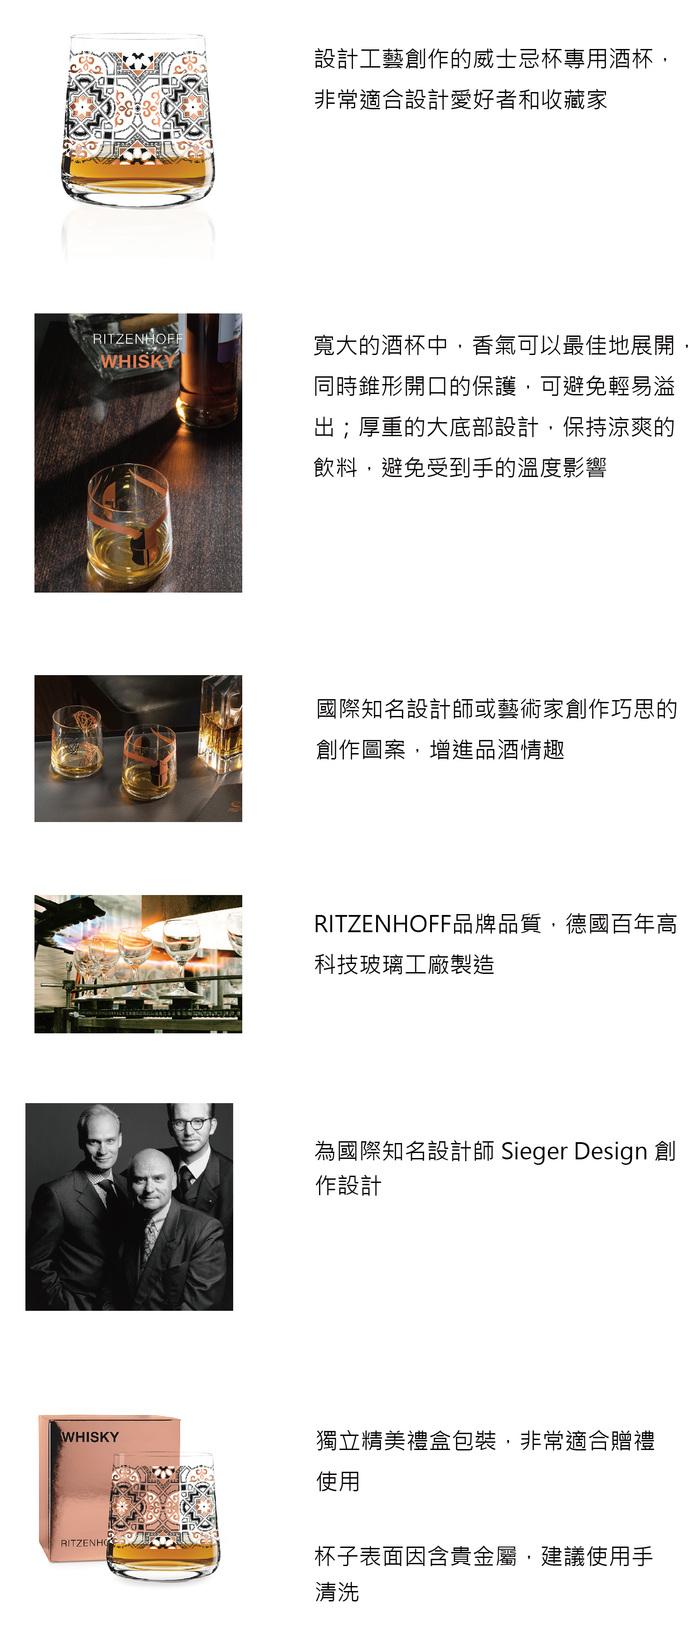 德國 RITZENHOFF |威士忌酒杯 / WHISKY |皇家經典